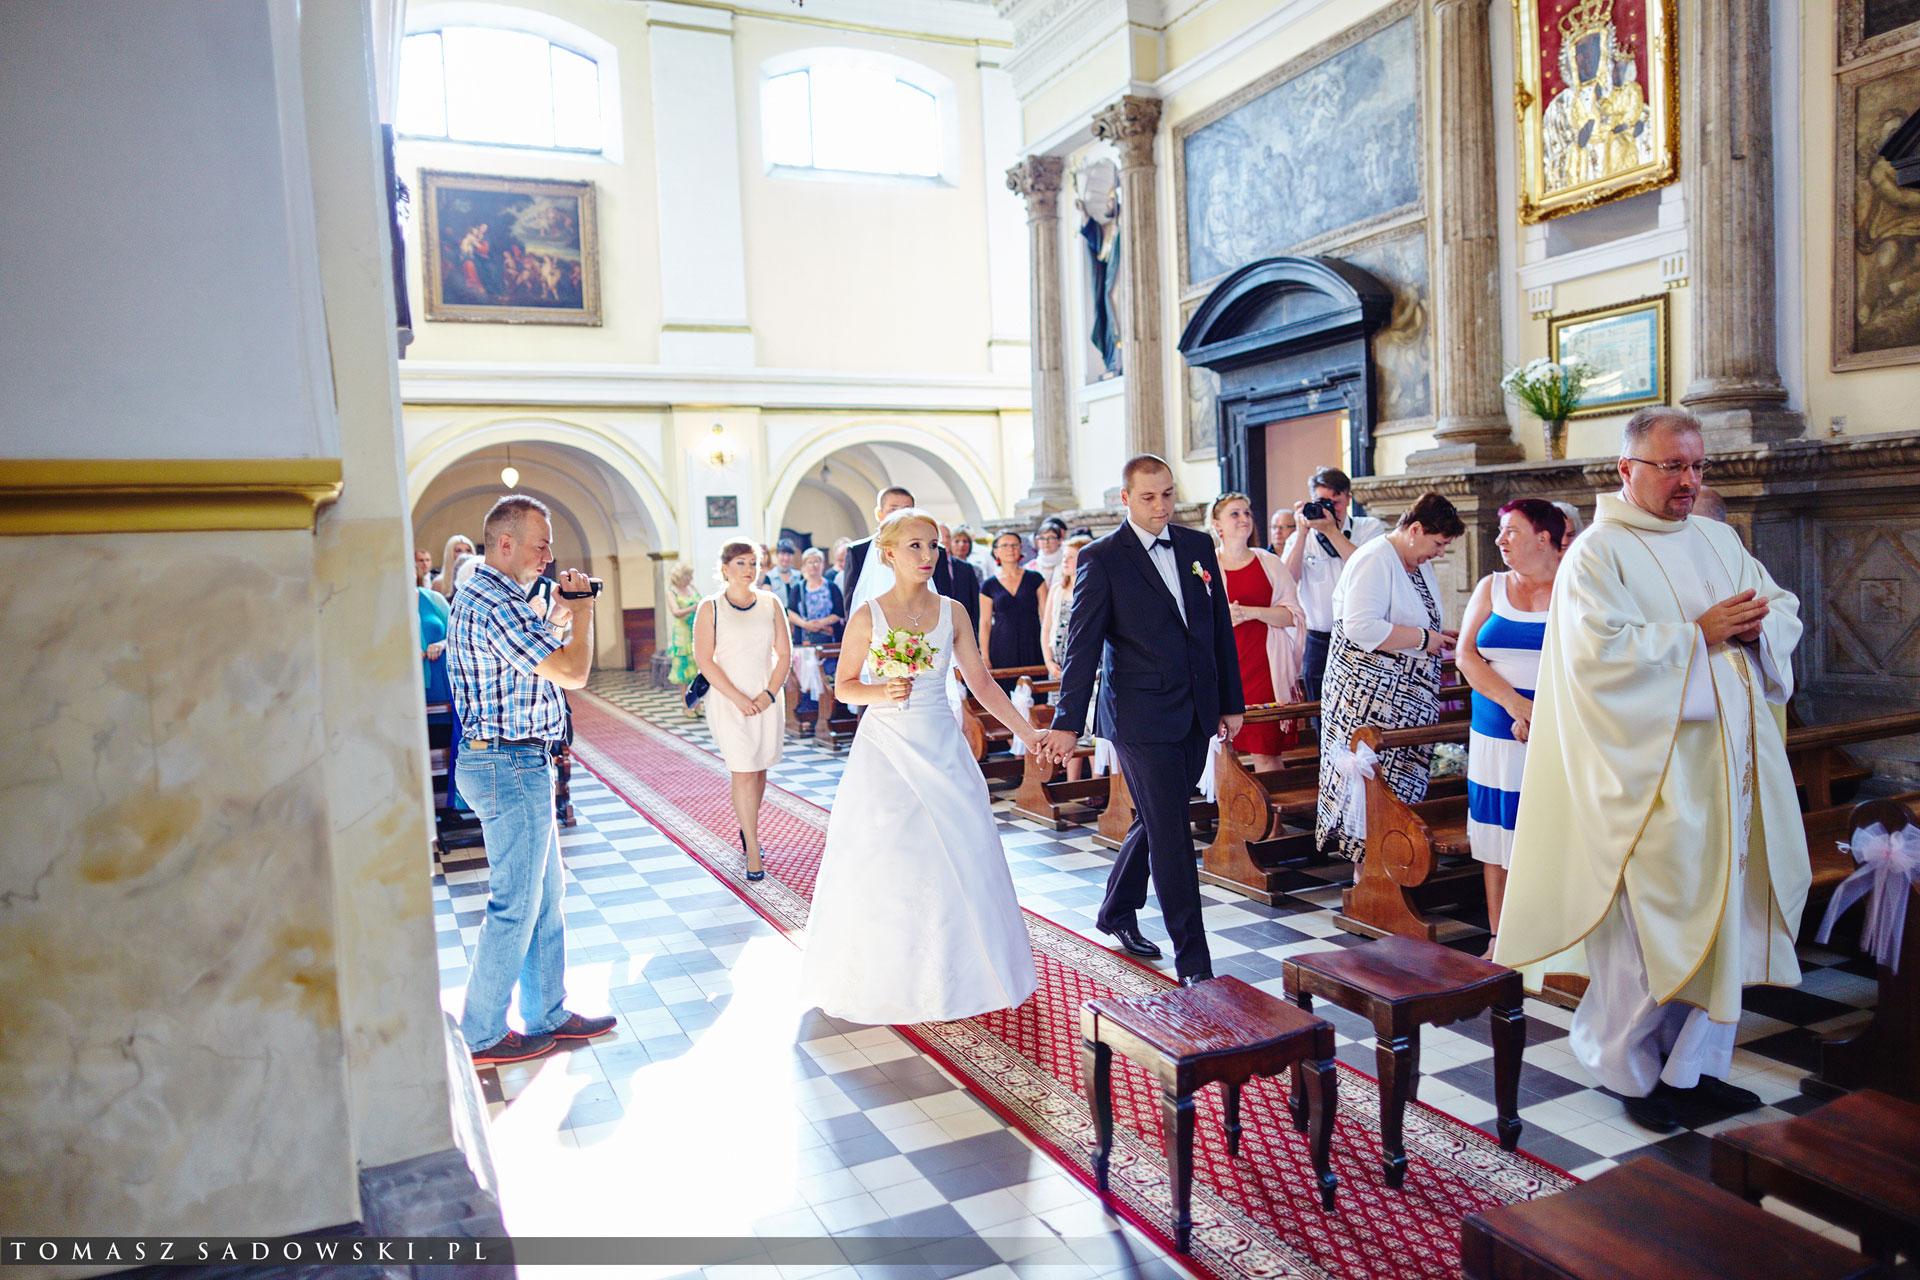 Ślub w Kościele Matki Boskiej Loretańskiej w Warszawie